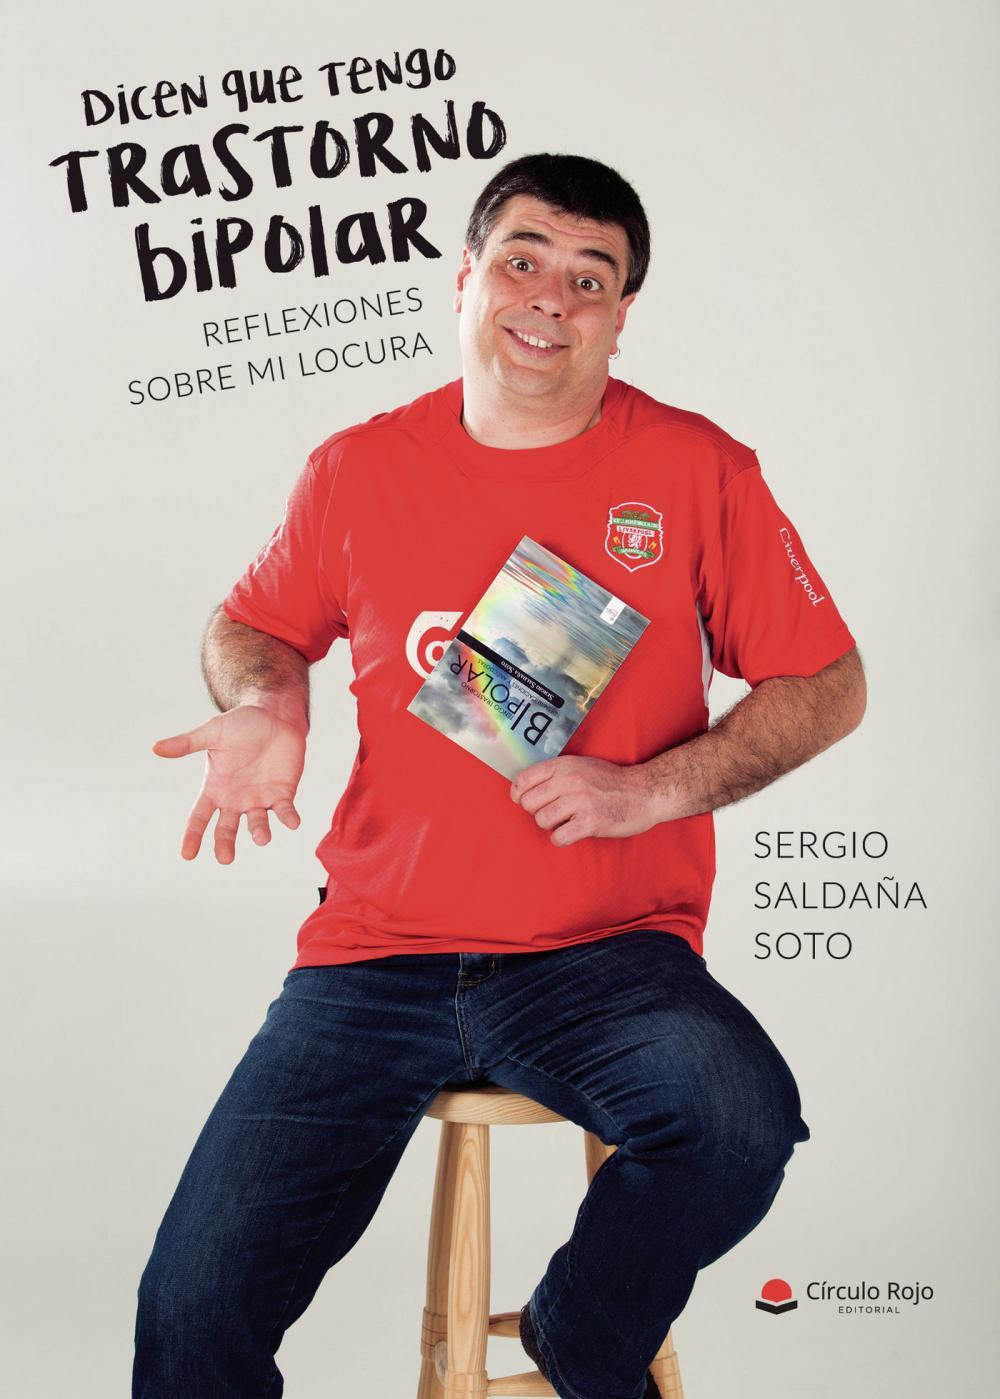 Dicen que tengo trastorno bipolar. Reflexiones sobre mi locura